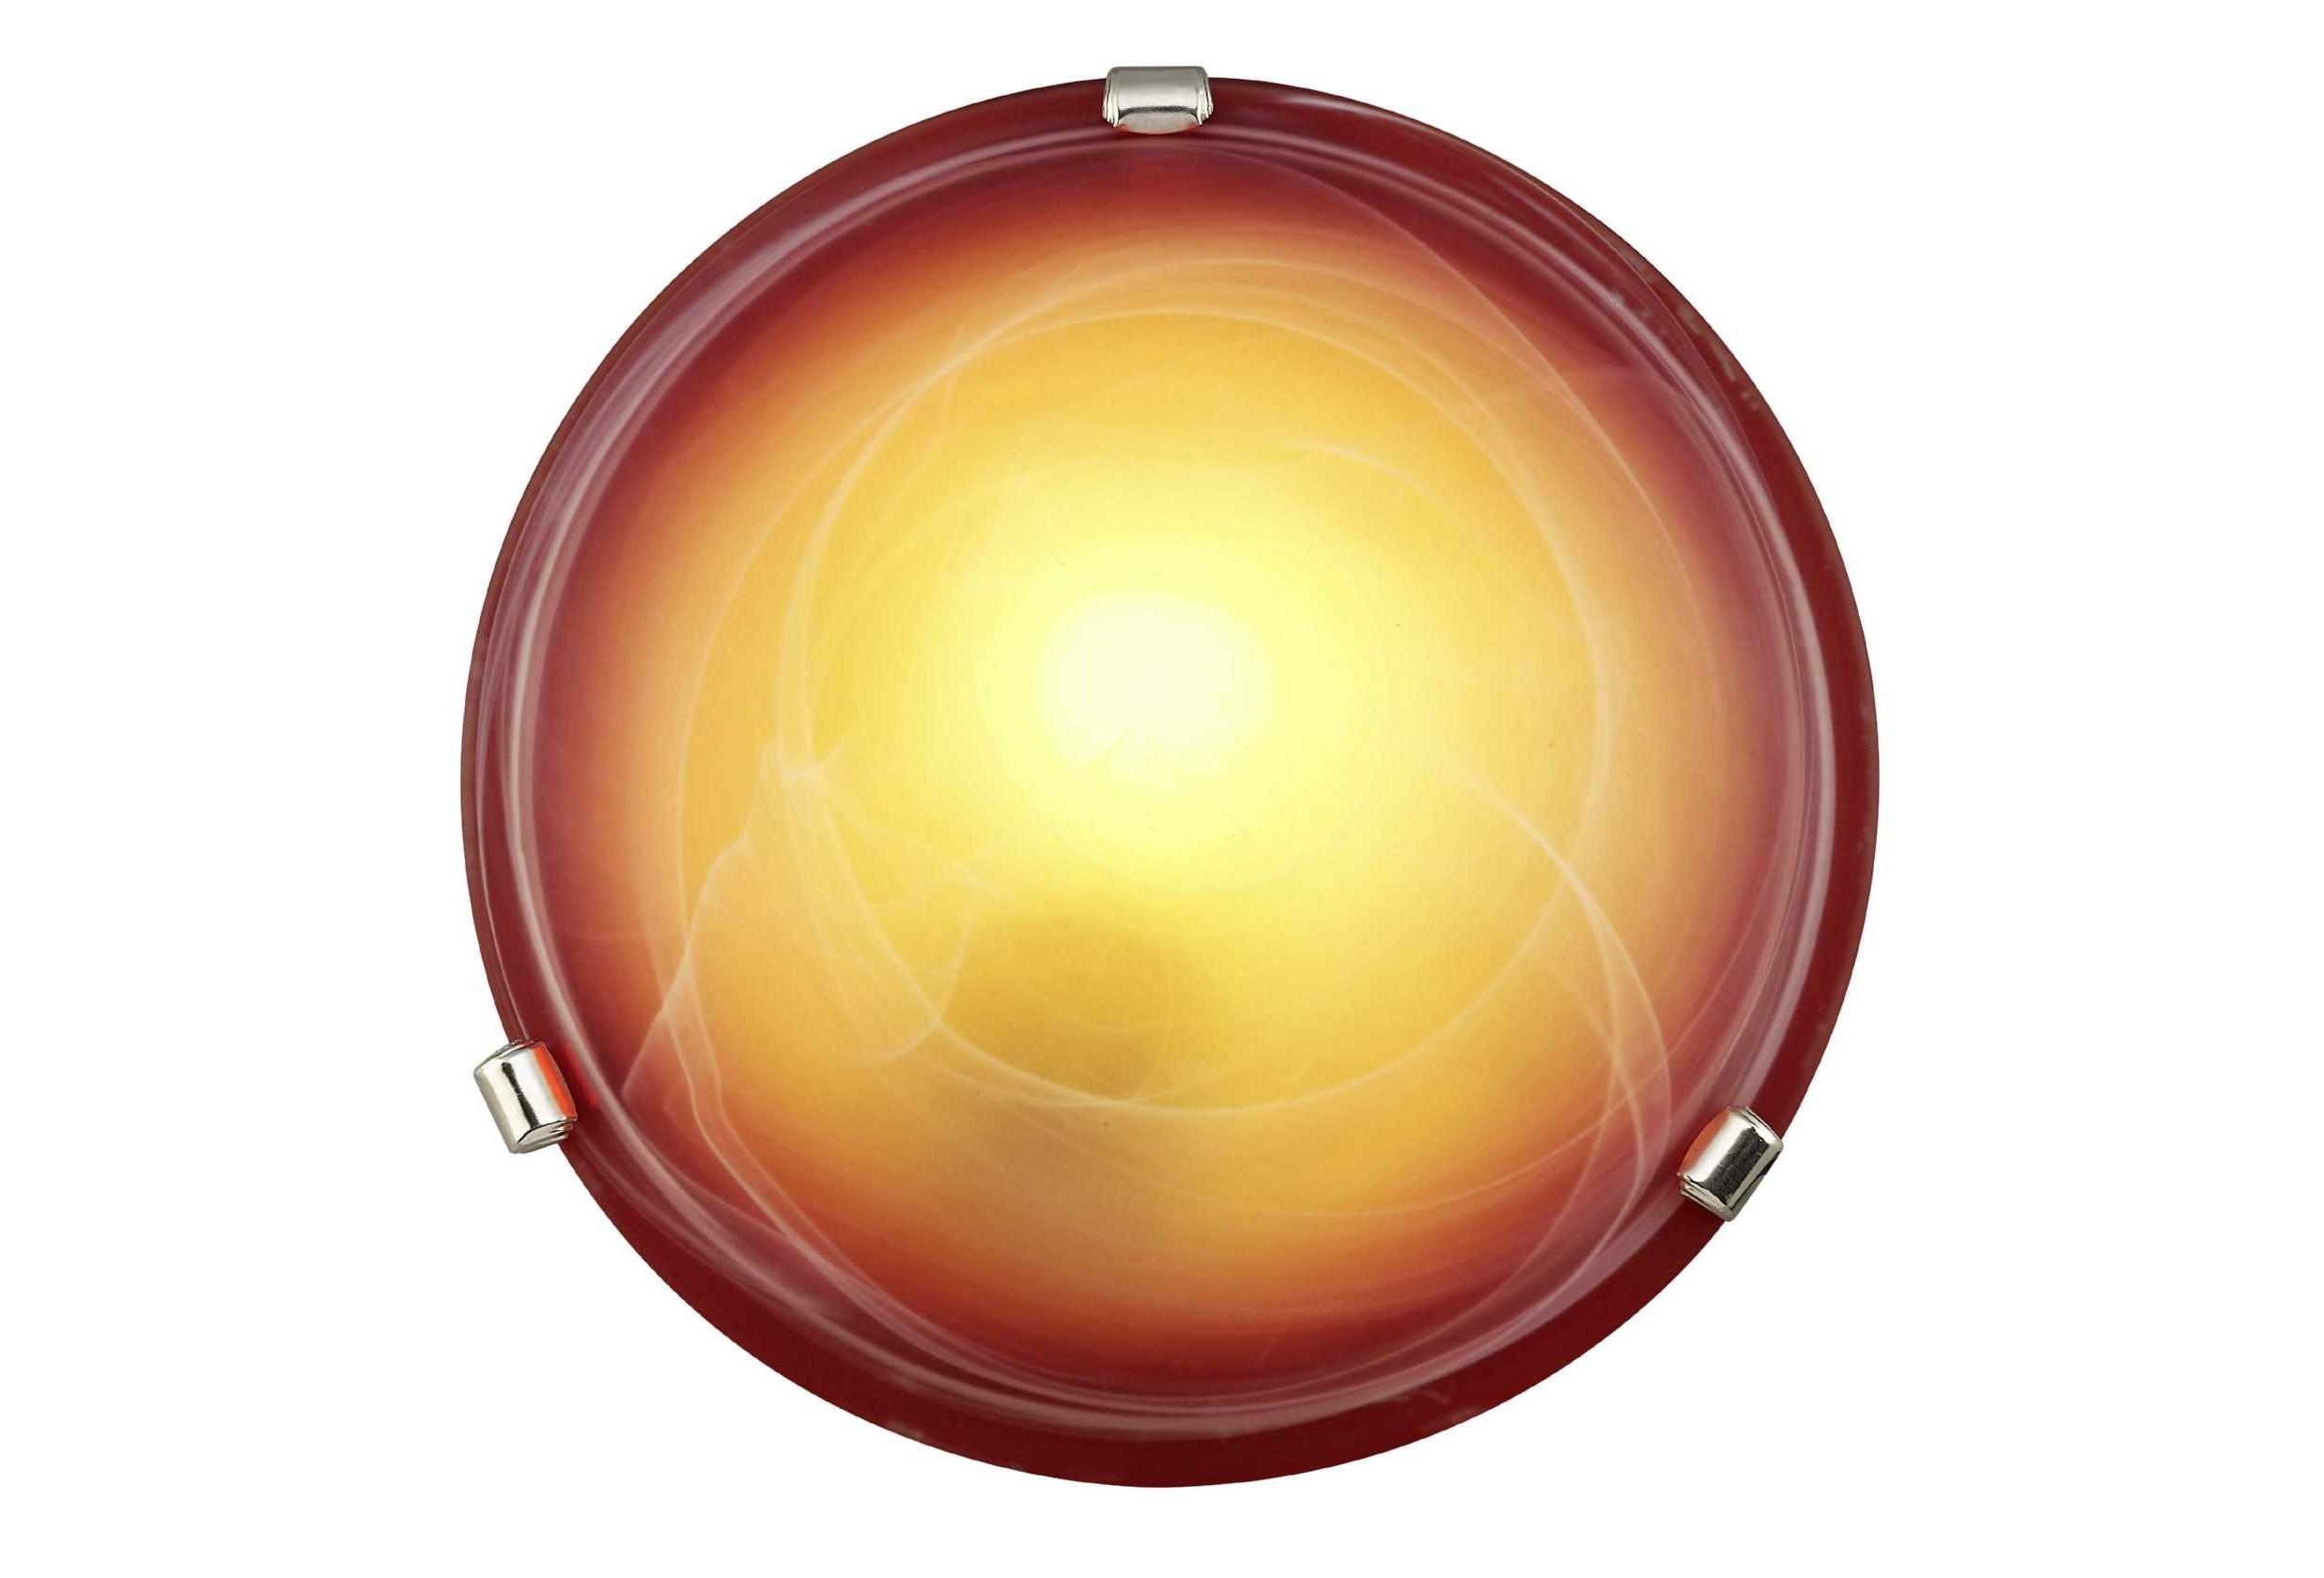 Лампа настенная или потолочная MauritiusПотолочные светильники<br>&amp;lt;div&amp;gt;&amp;lt;div&amp;gt;Цоколь: E27&amp;lt;/div&amp;gt;&amp;lt;div&amp;gt;Мощность лампы: 60W&amp;lt;/div&amp;gt;&amp;lt;div&amp;gt;Количество ламп: 1&amp;lt;/div&amp;gt;&amp;lt;div&amp;gt;Наличие ламп: отсутствуют&amp;lt;/div&amp;gt;&amp;lt;/div&amp;gt;&amp;lt;div&amp;gt;&amp;lt;/div&amp;gt;<br><br>Material: Стекло<br>Height см: 9<br>Diameter см: 30